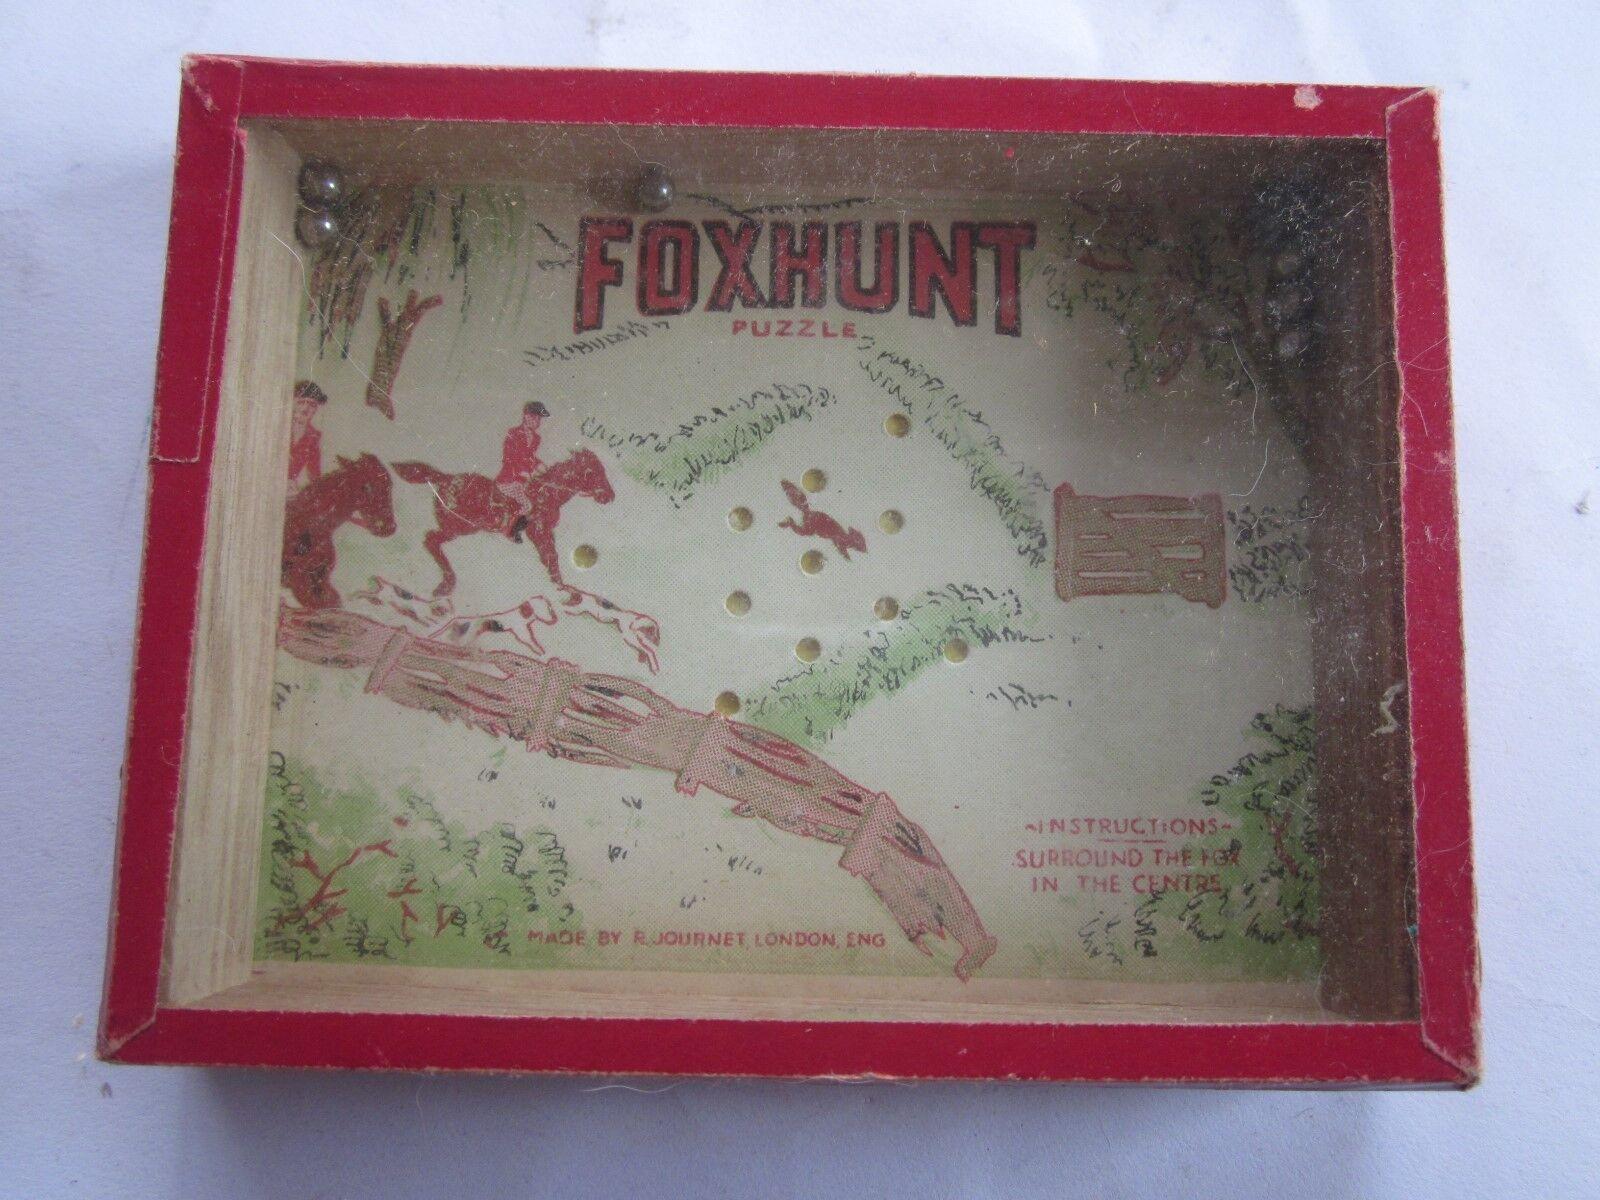 Vintage FOXHUNT PuzzleThe RJ Series Popular Puzzles Journet London England